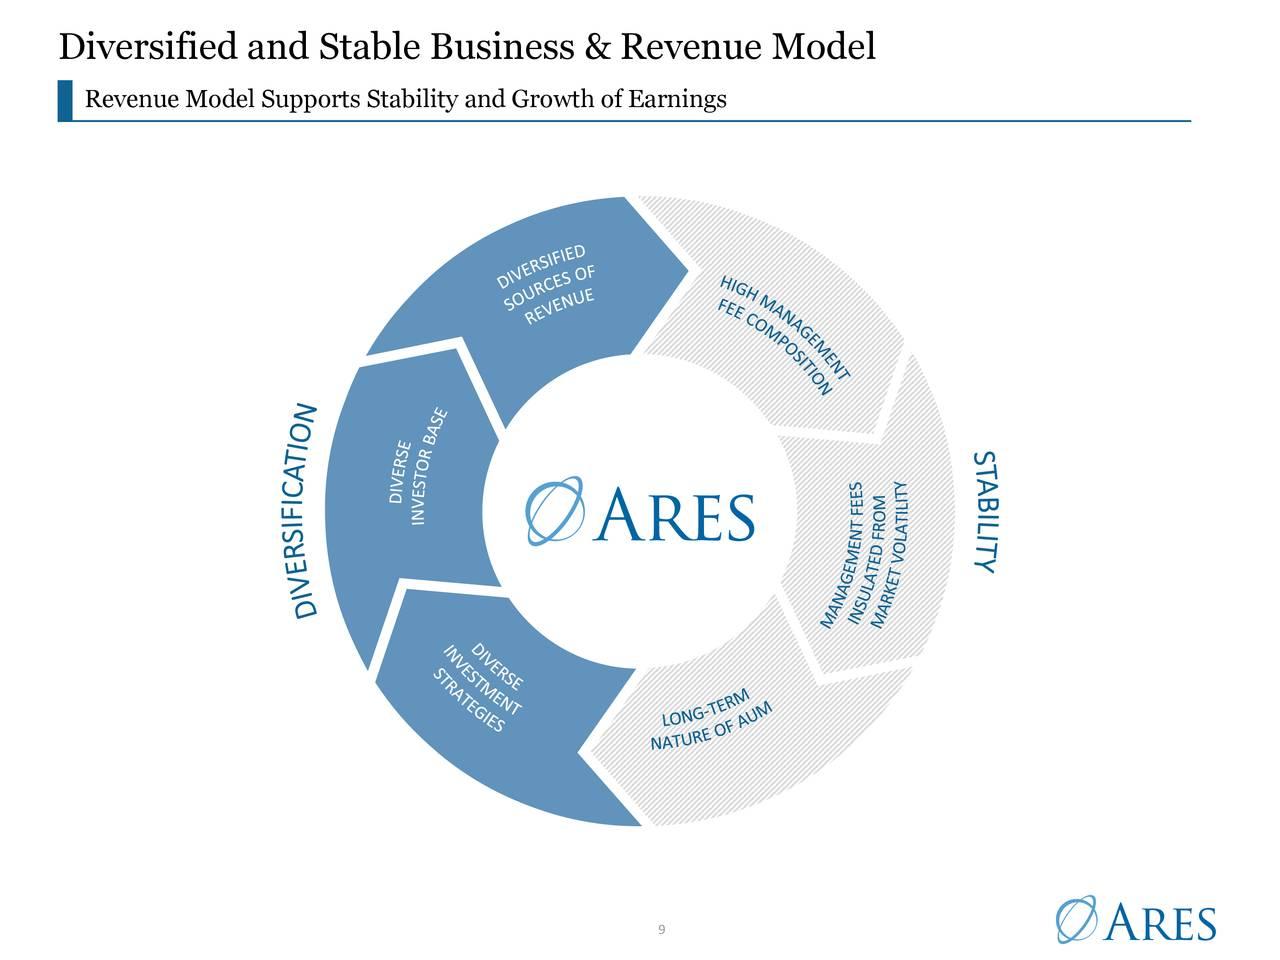 Modelo de negocios e ingresos diversificado y estable